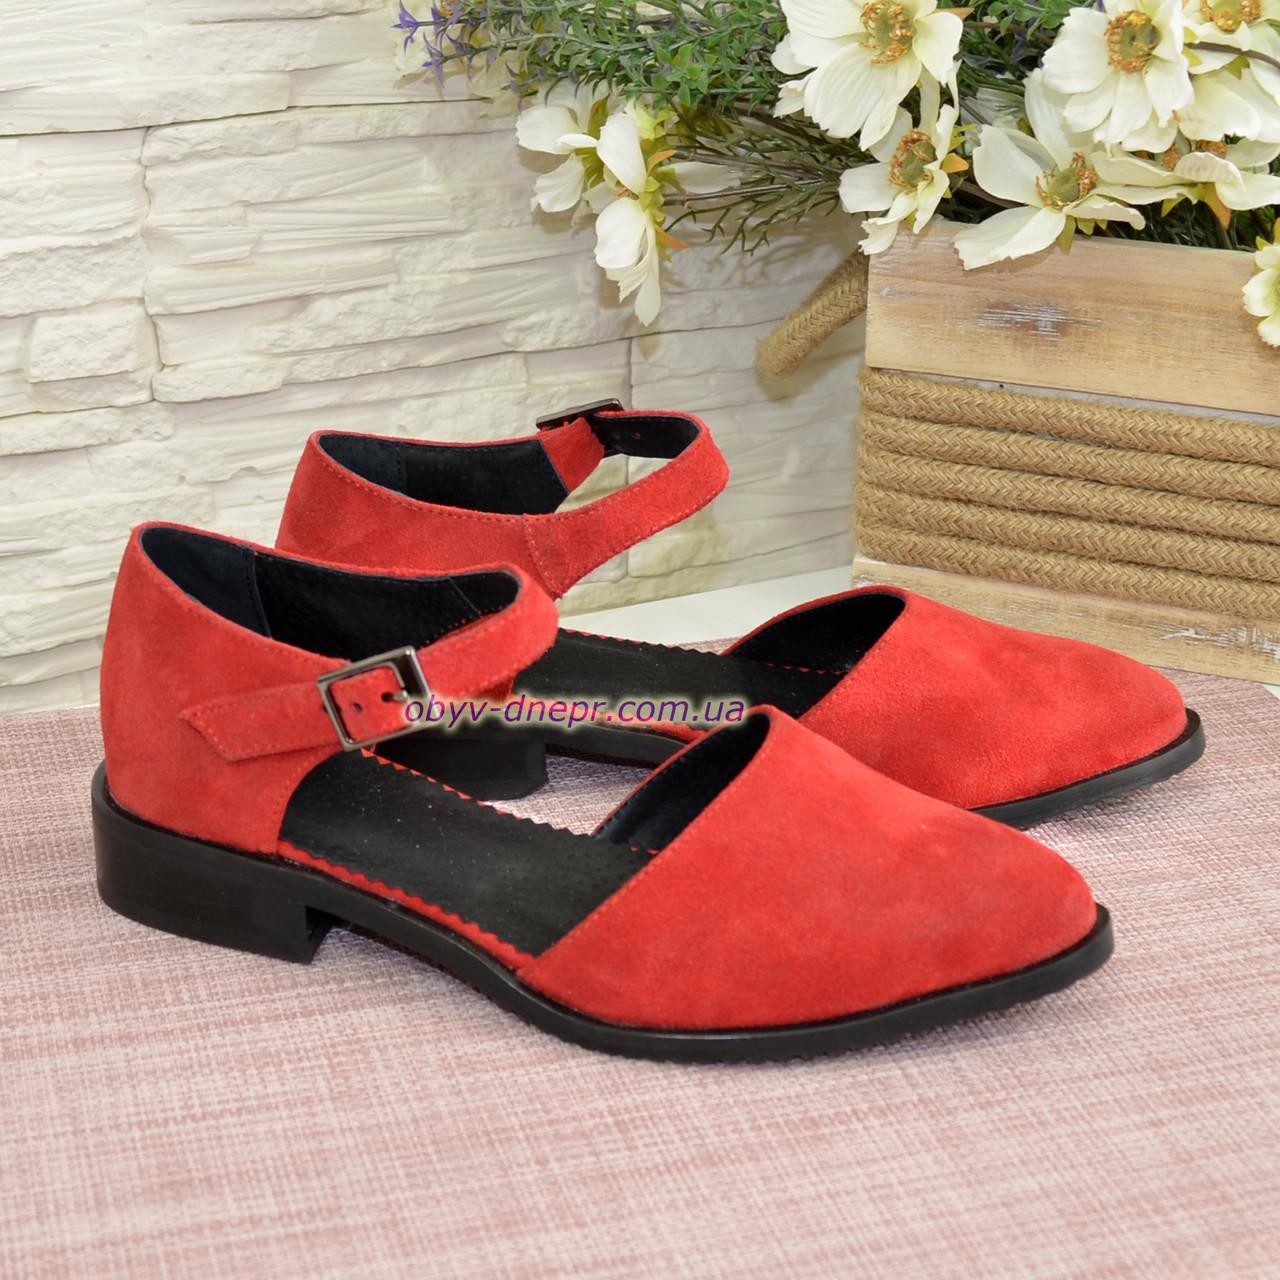 Туфли женские замшевые на  низком ходу, цвет красный